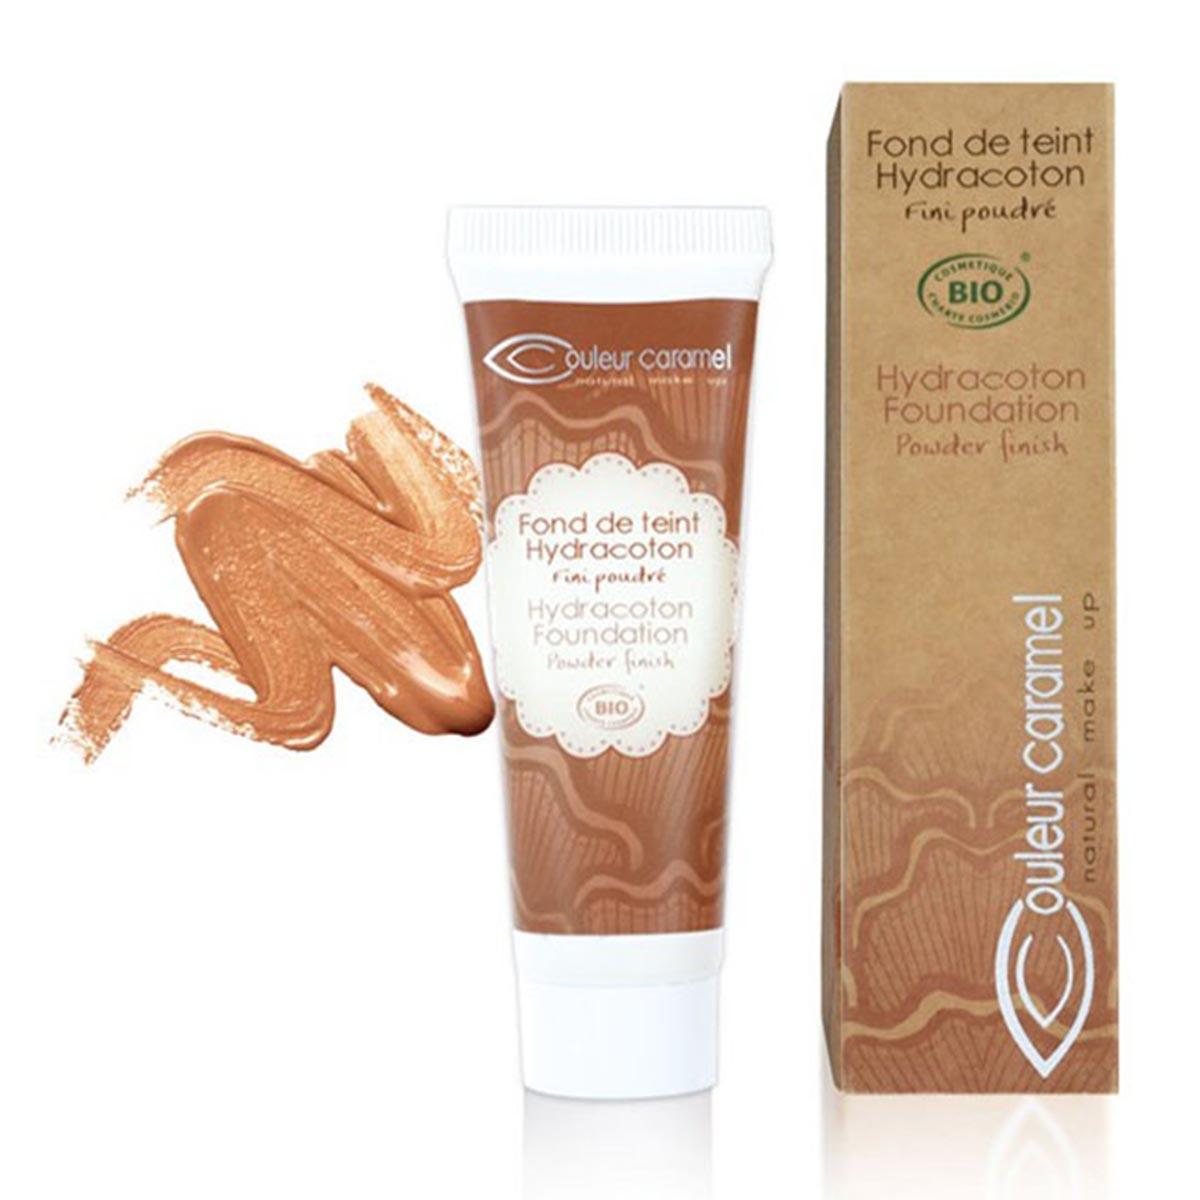 Couleur caramel fond de teint hydracoton foundation n 16 miel